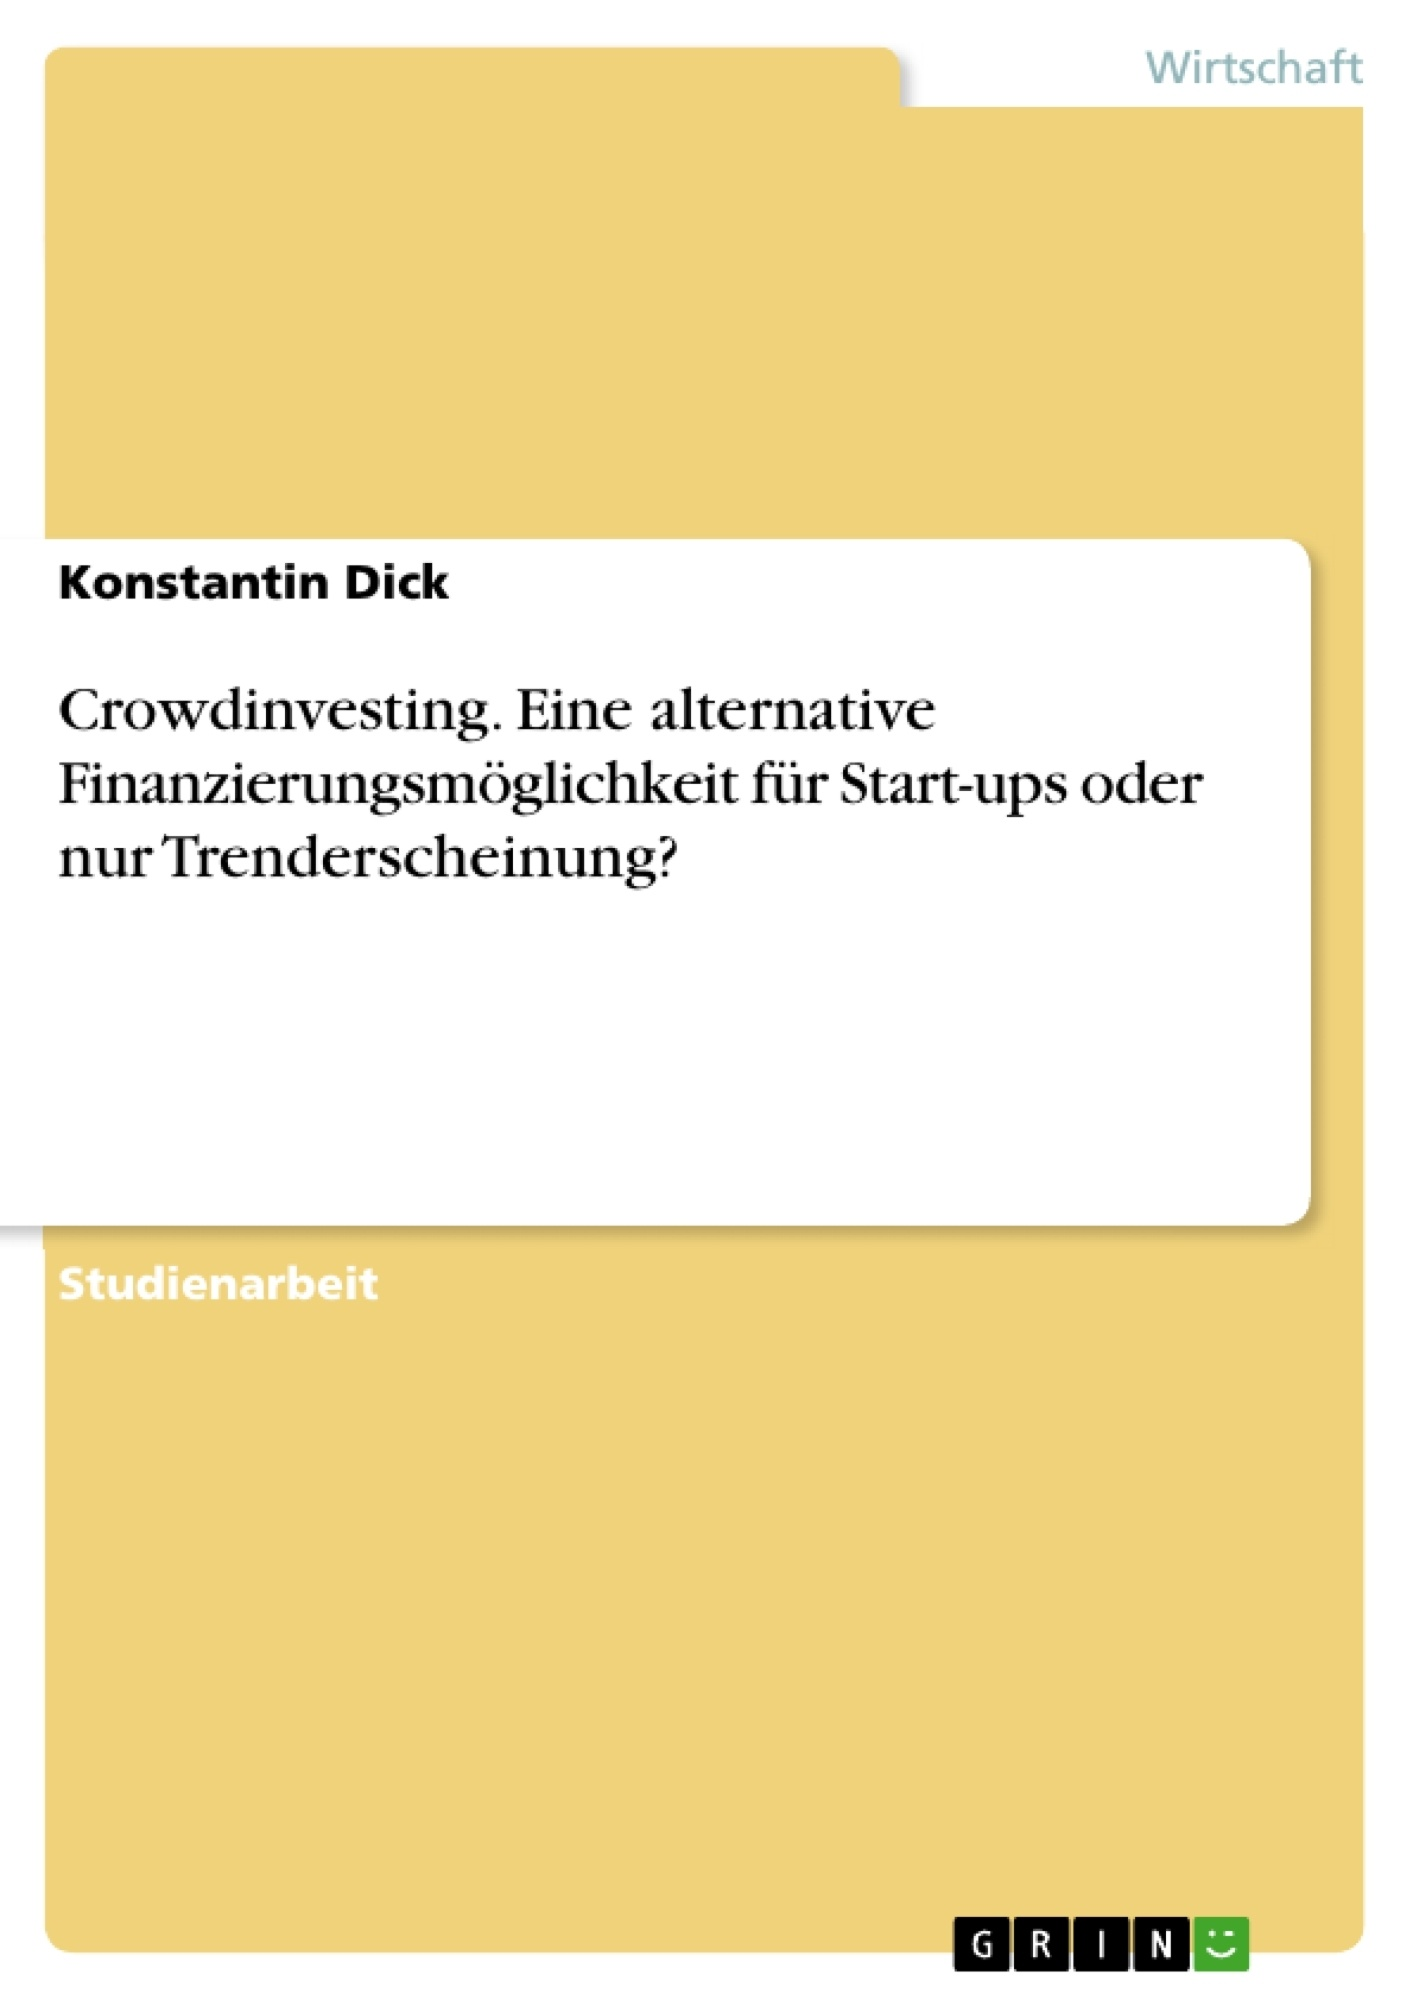 Titel: Crowdinvesting. Eine alternative Finanzierungsmöglichkeit für Start-ups oder nur Trenderscheinung?